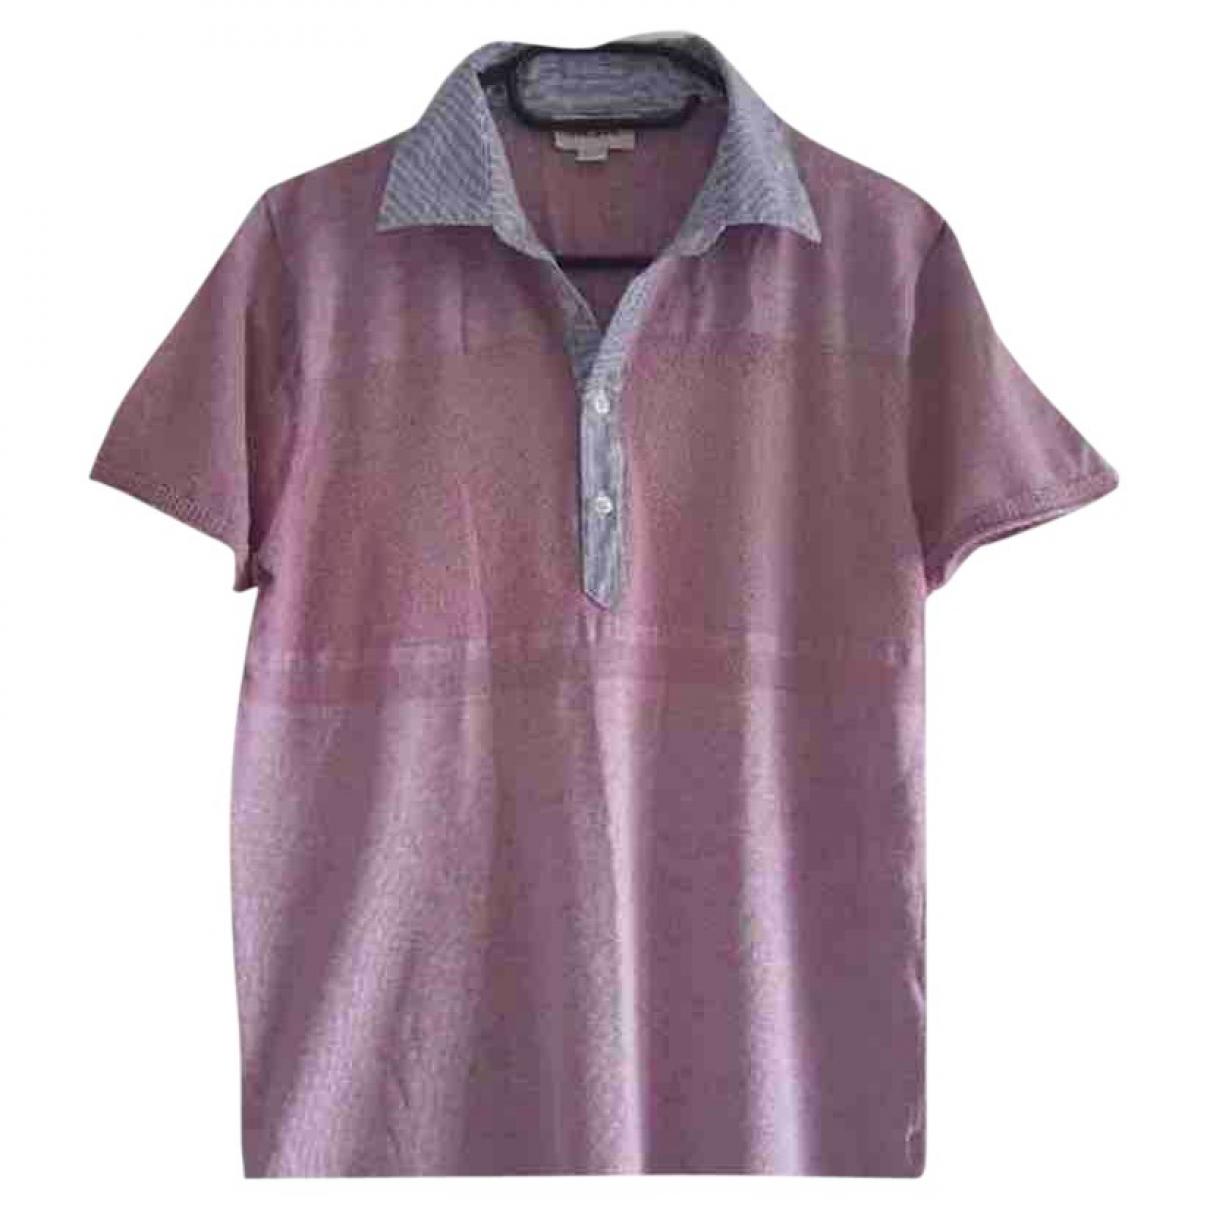 Diesel - Polos   pour homme en coton - rose